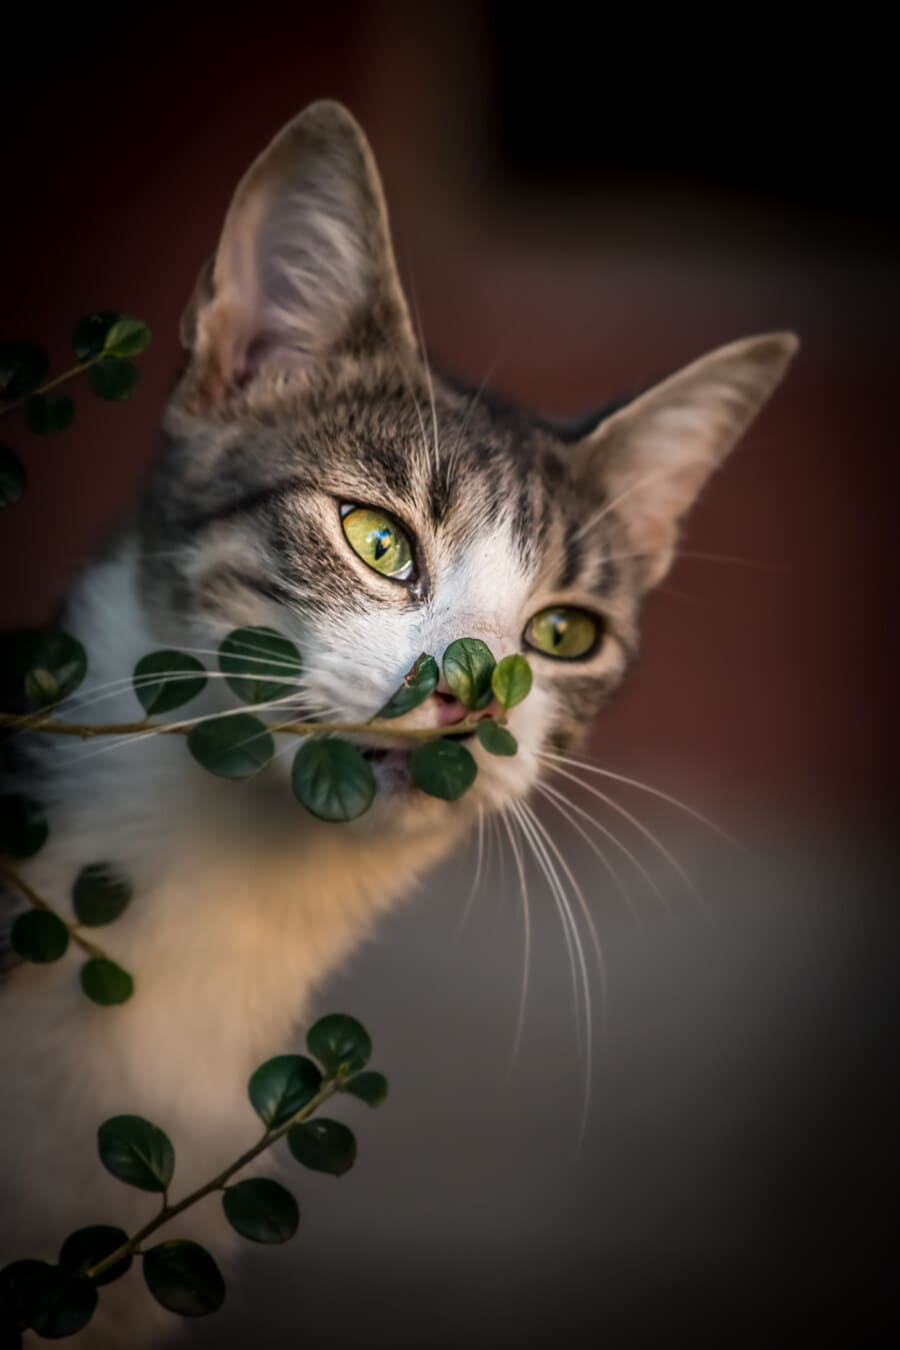 rozkošný, mačiatko, Hravé, Vonkajší, zväčšenie, vetvička, vedúci, domáce zviera, mačiatko, mačka